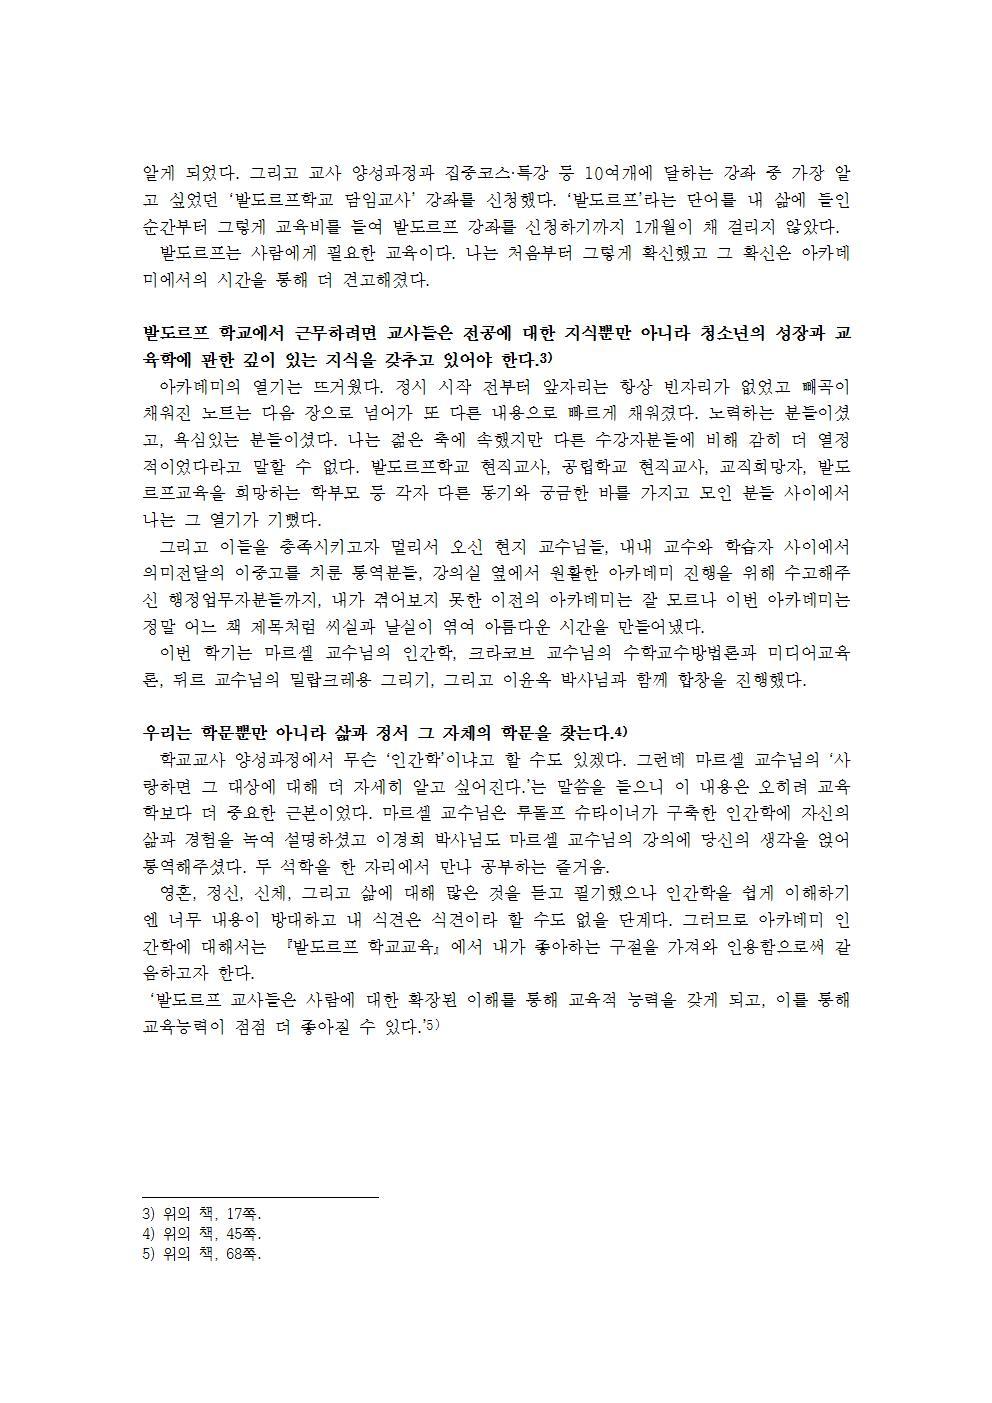 겨울 아카데미 김관우 후기글 1번째이야기